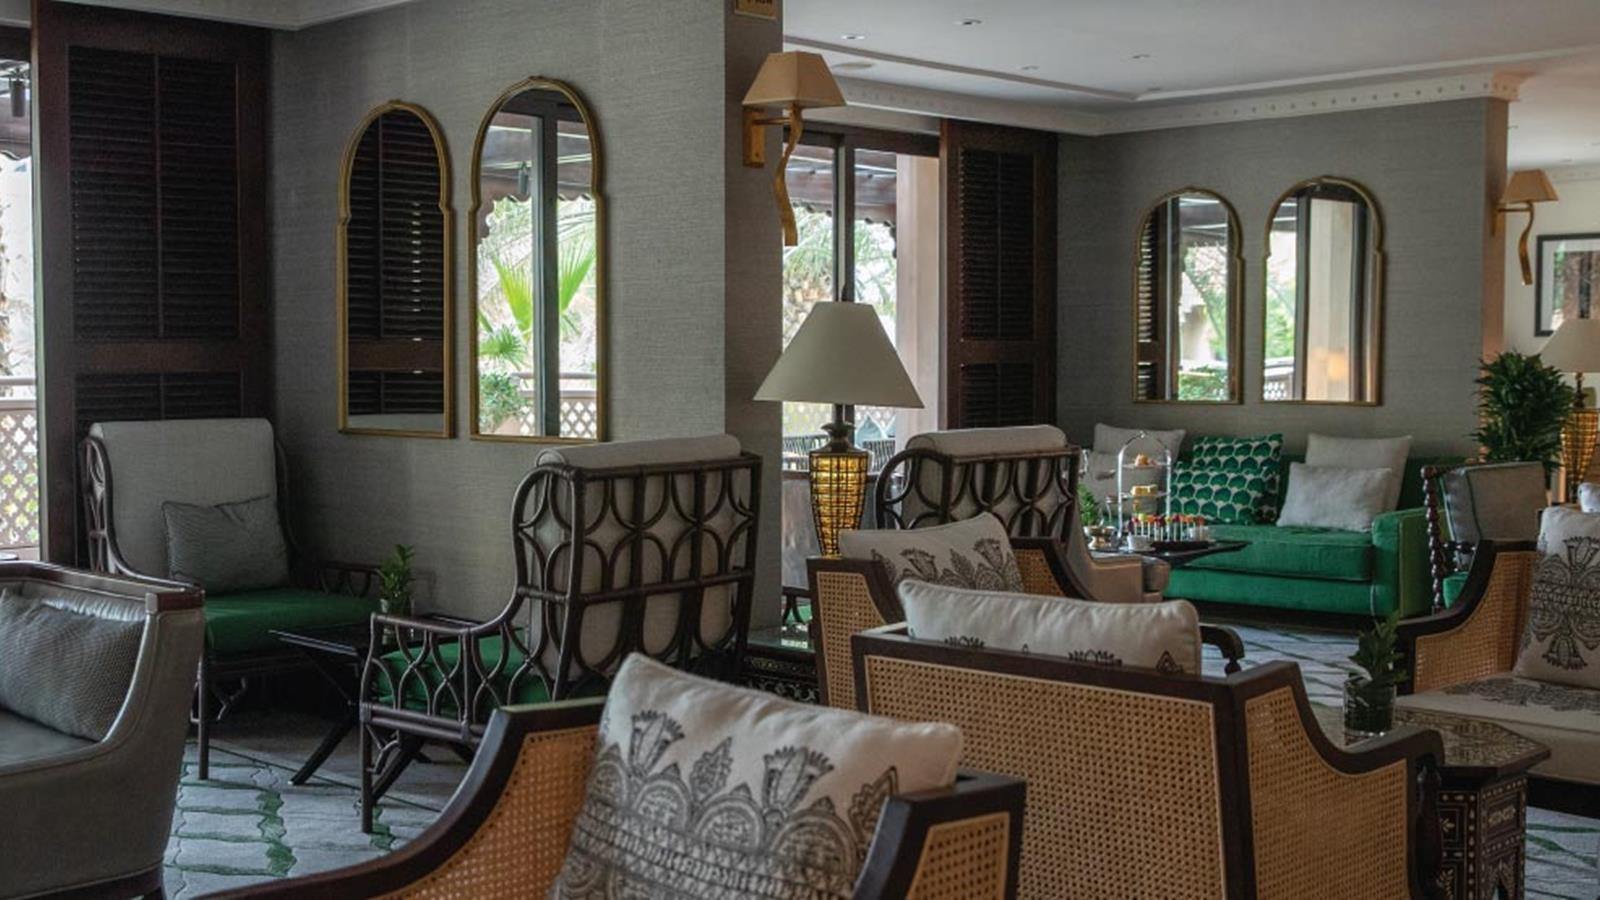 jumeirah-al-qasr-premium-leisure-club.jpg